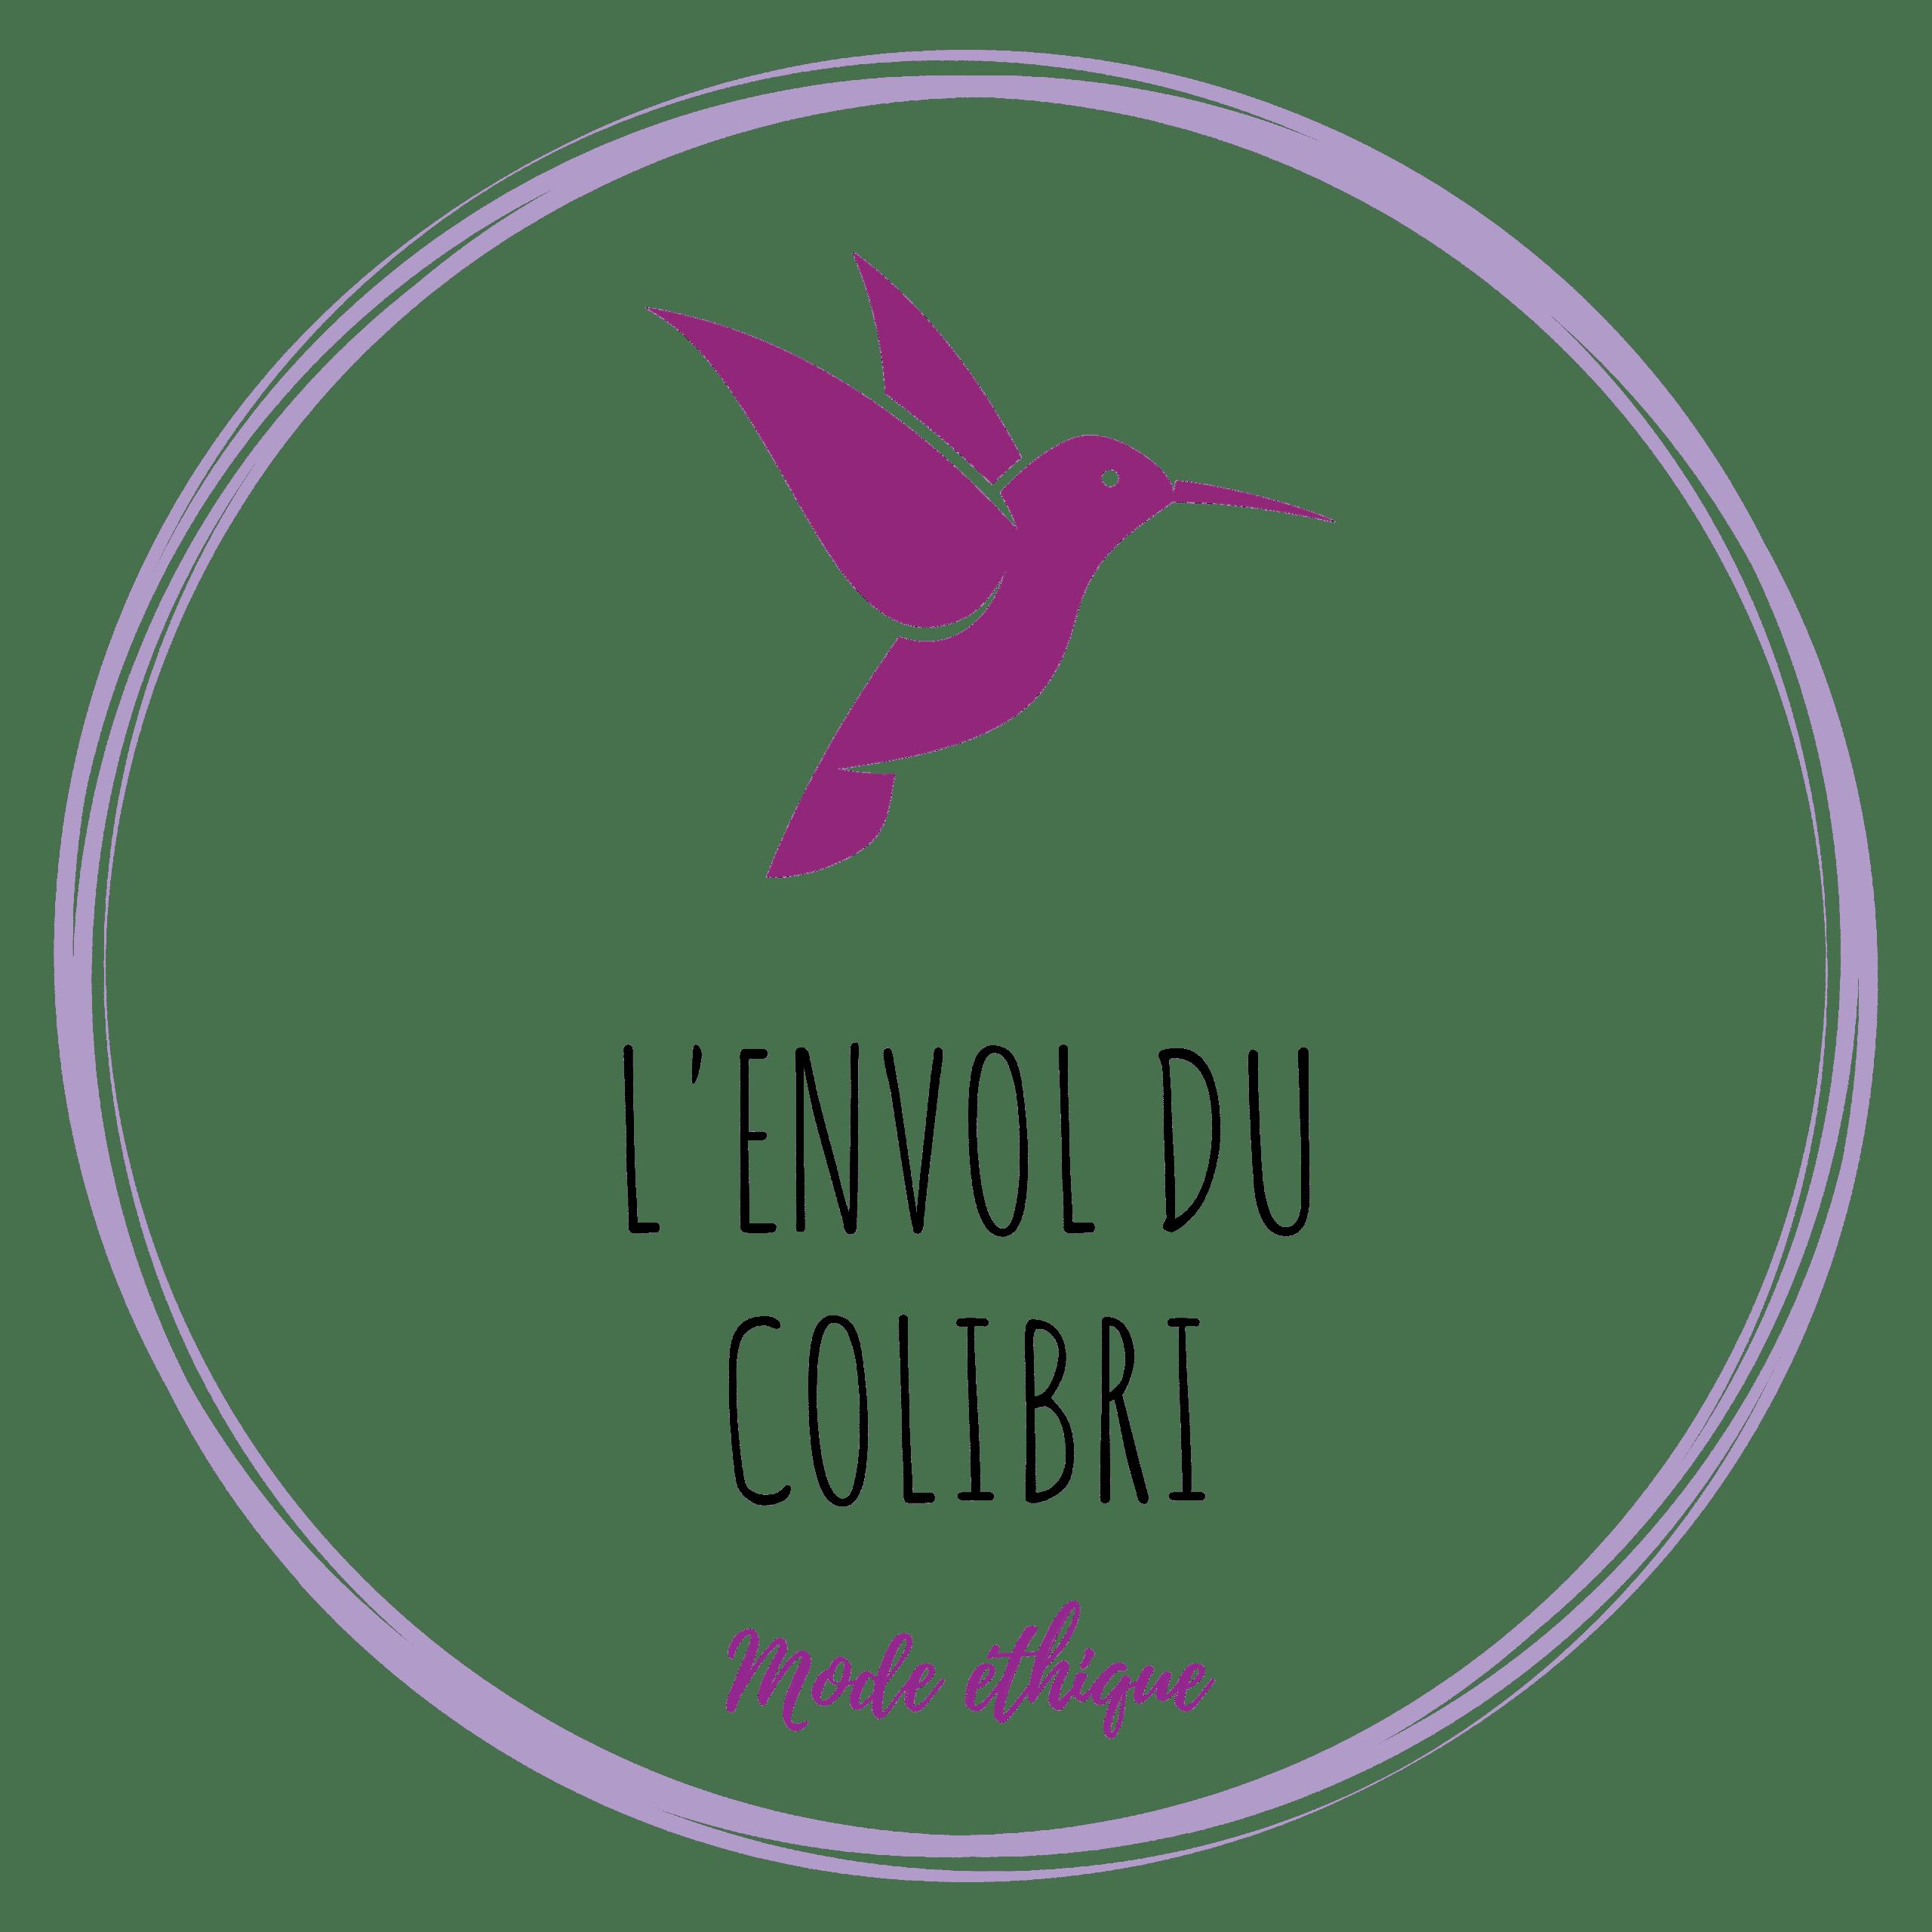 L'Envol du Colibri Vêtements pour femmes bio, ethiques et équitables